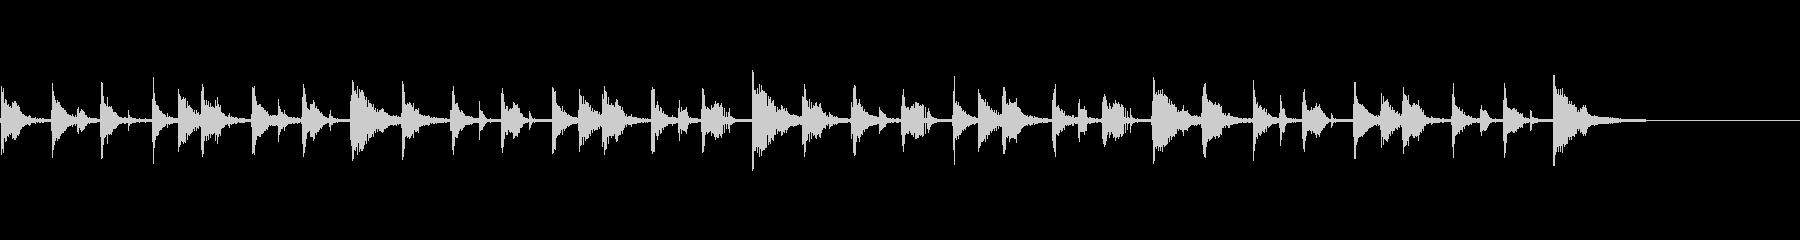 ラテンパーカッション民族調 パターン4 の未再生の波形